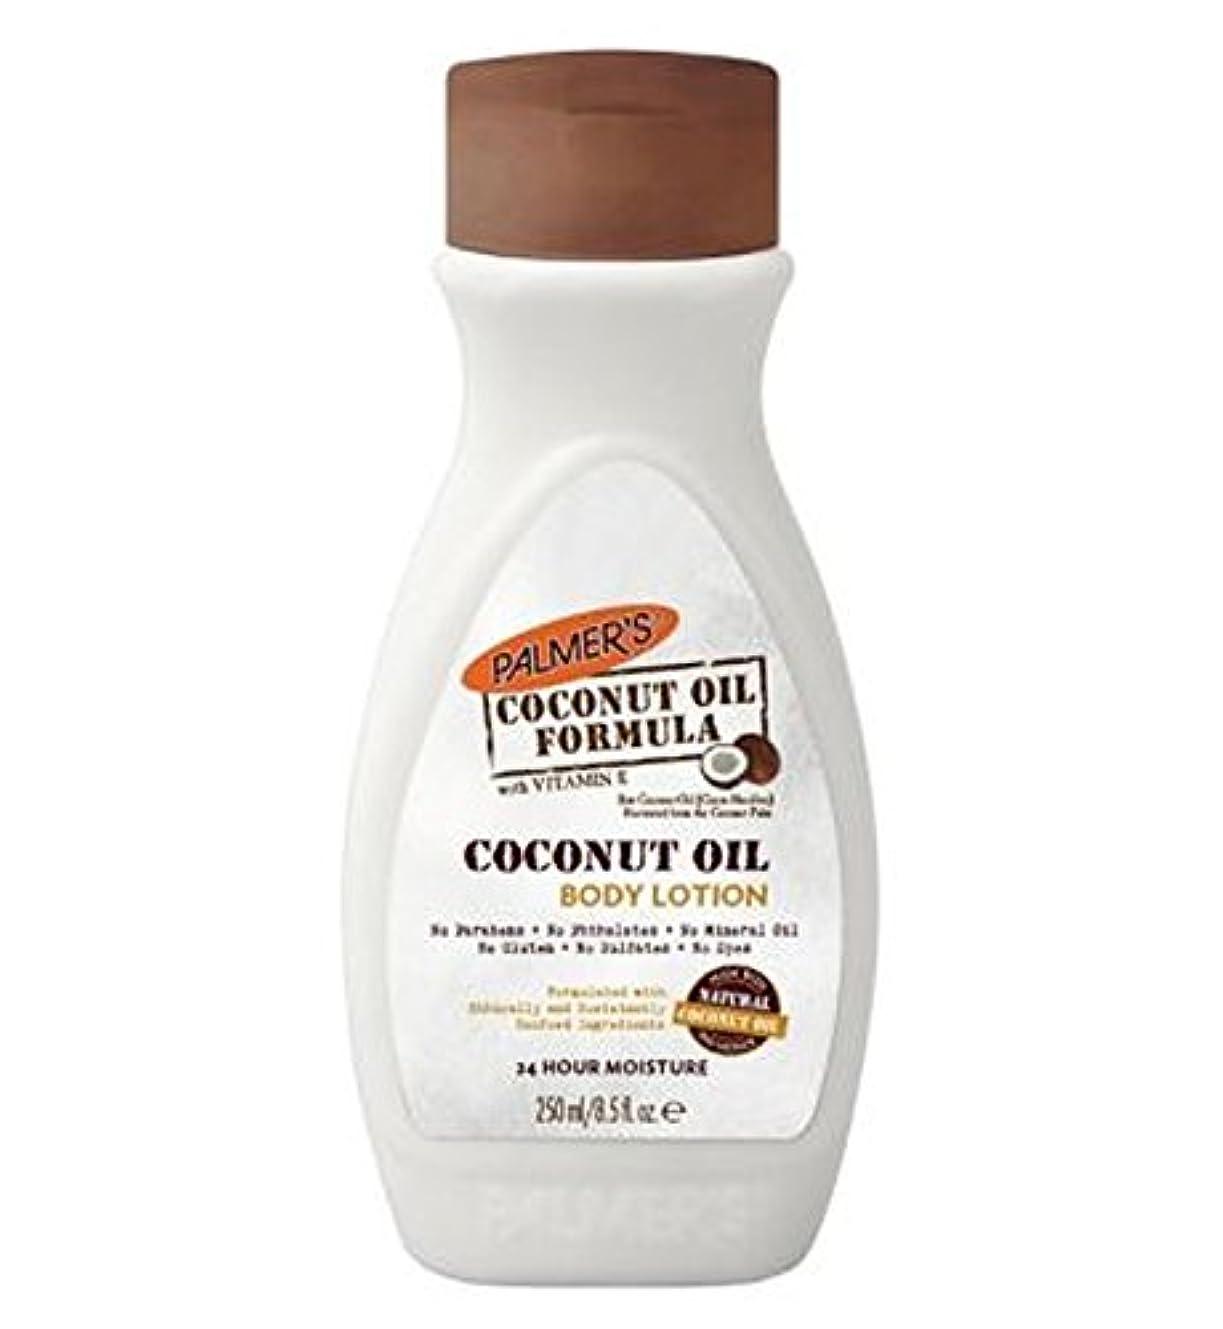 エンドテーブル区画ナットPalmer's Coconut Oil Formula Body Lotion 250ml - パーマーのココナッツオイル式ボディローション250ミリリットル (Palmer's) [並行輸入品]